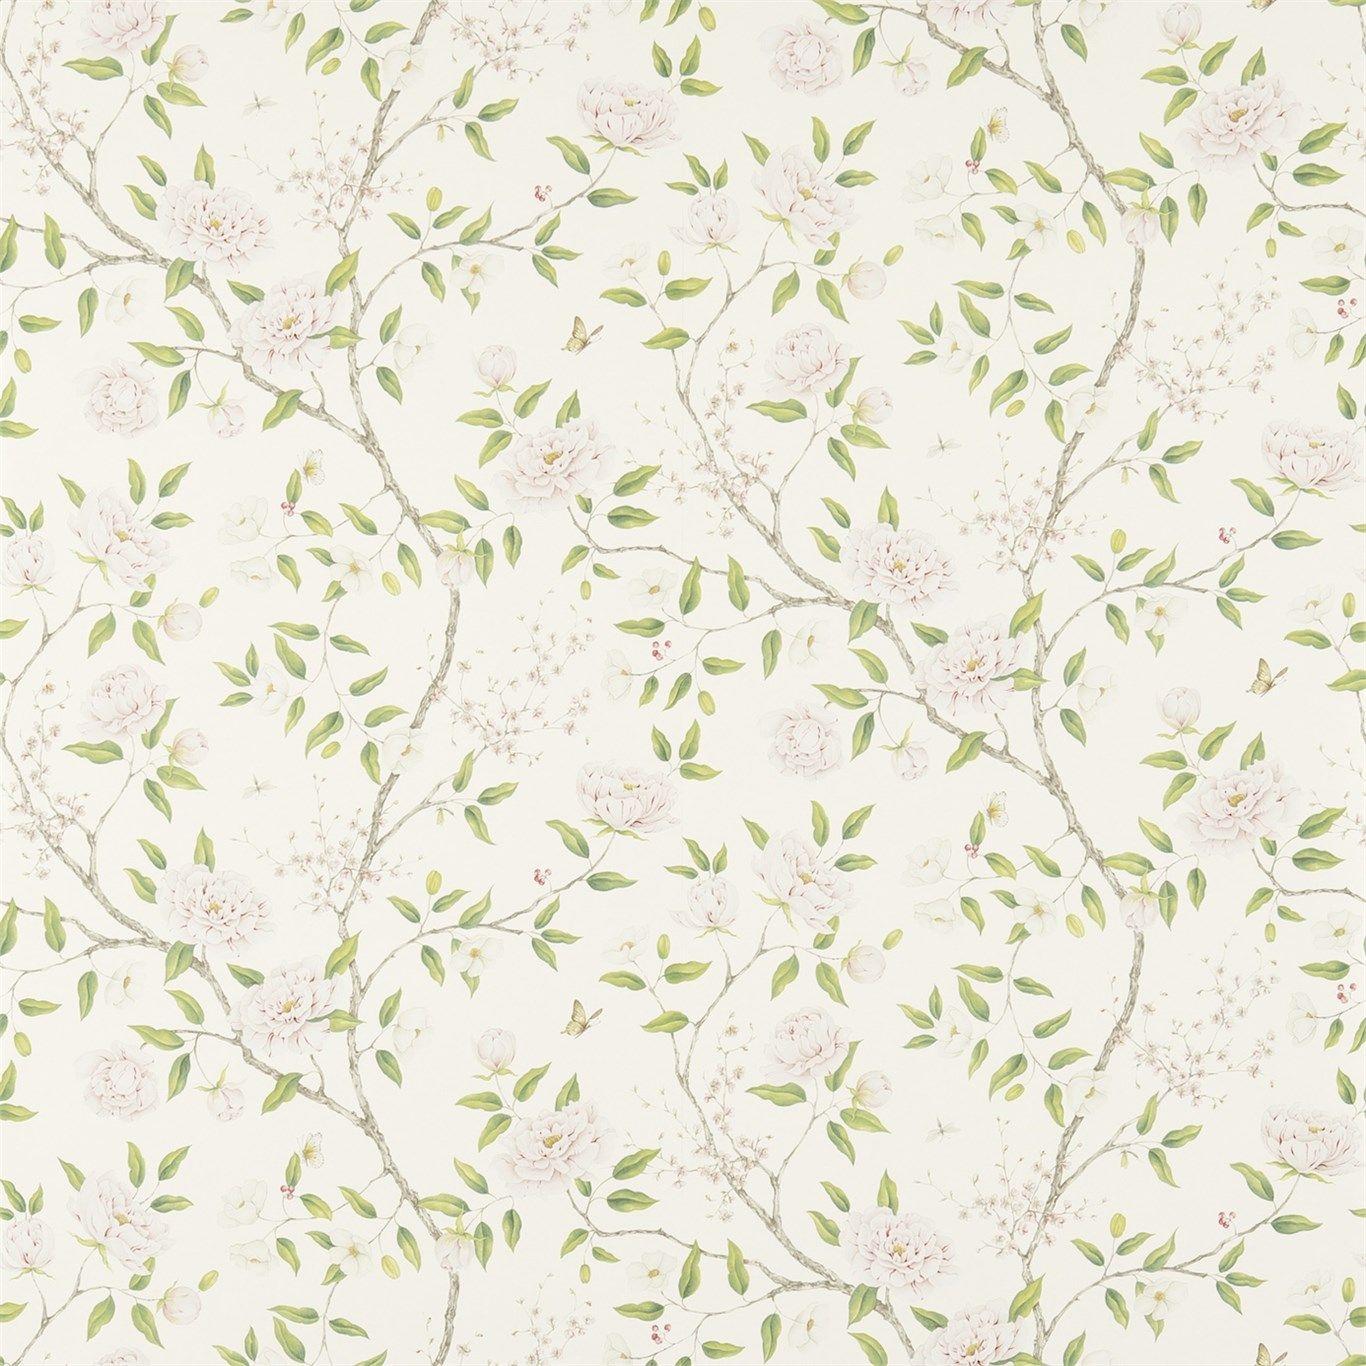 Romey'S Garden Wallpaper Tapet, Blommiga bakgrundsbilder